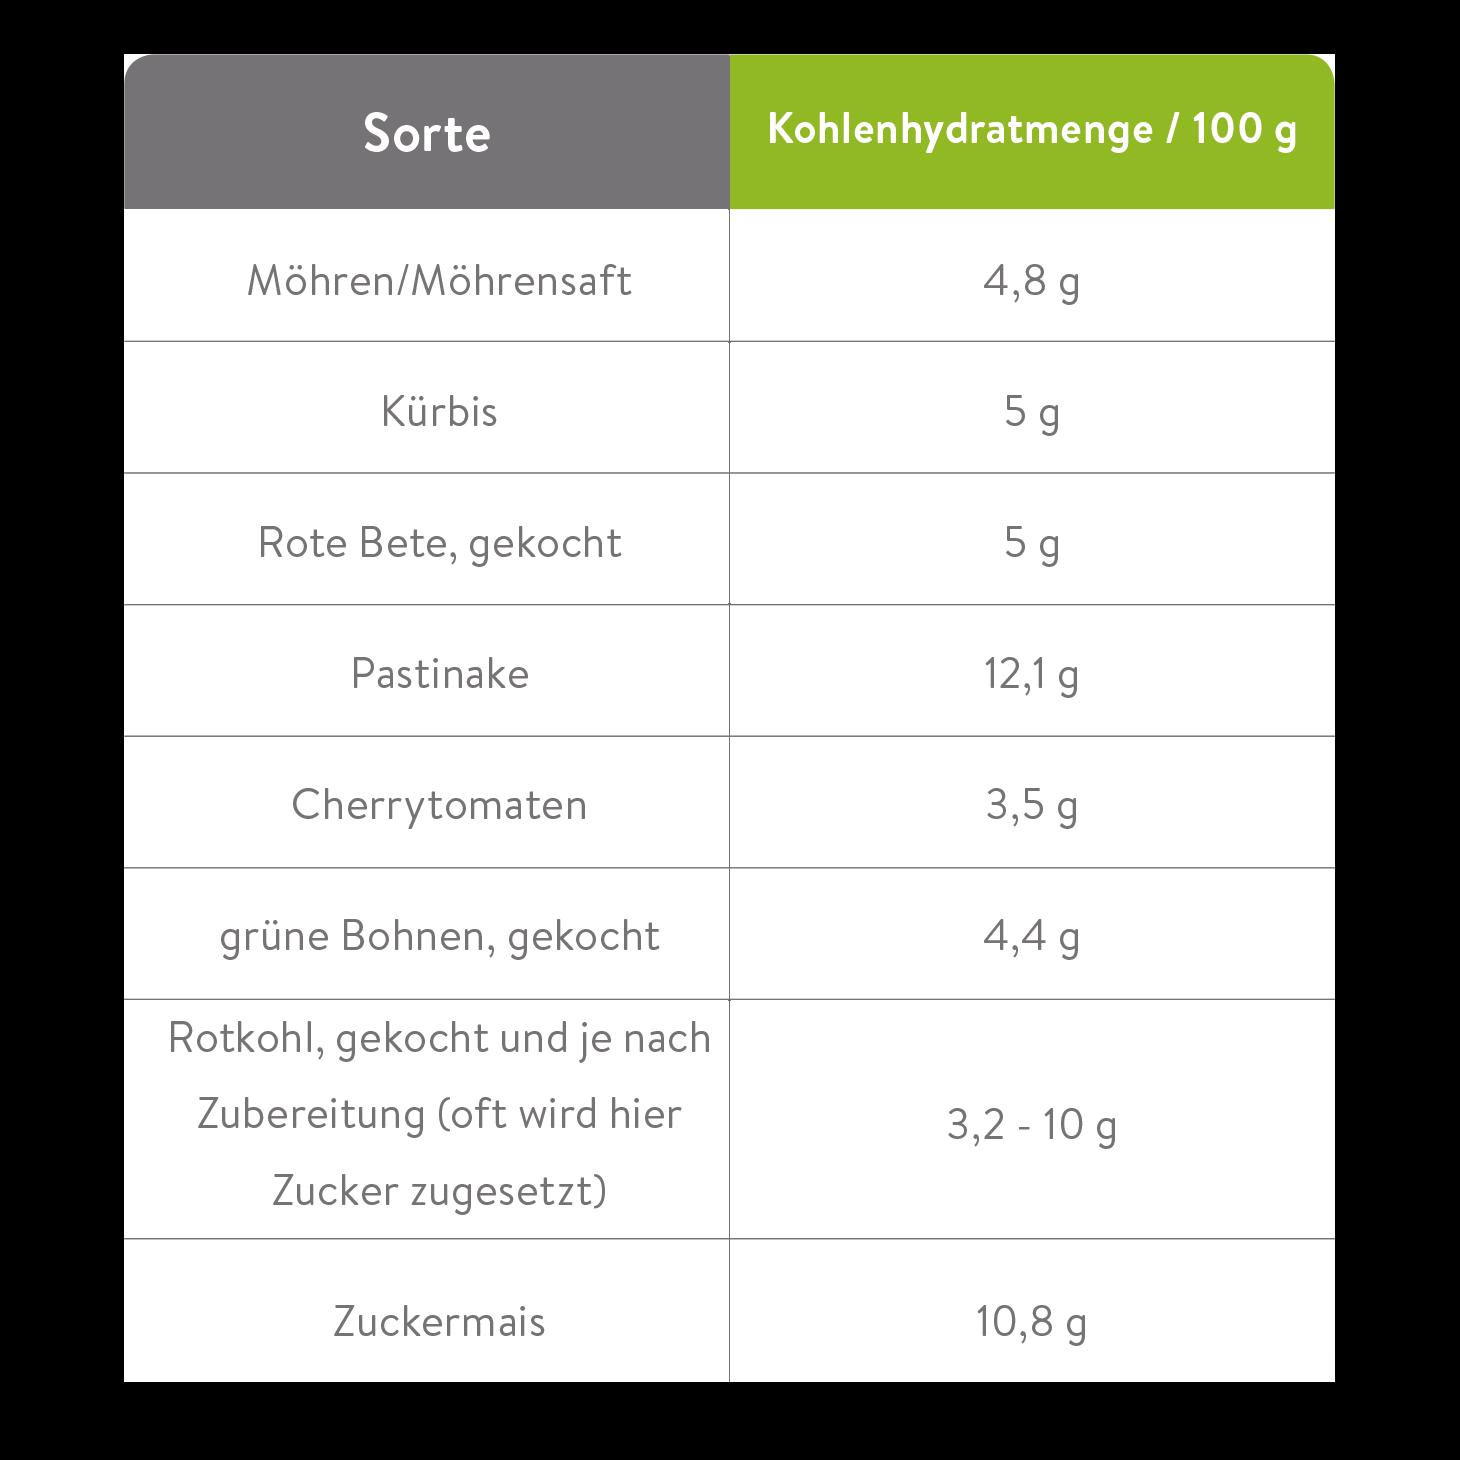 Tabelle mit Kohlenhydratmenge / 100 g verschiedener Gemüsesorten